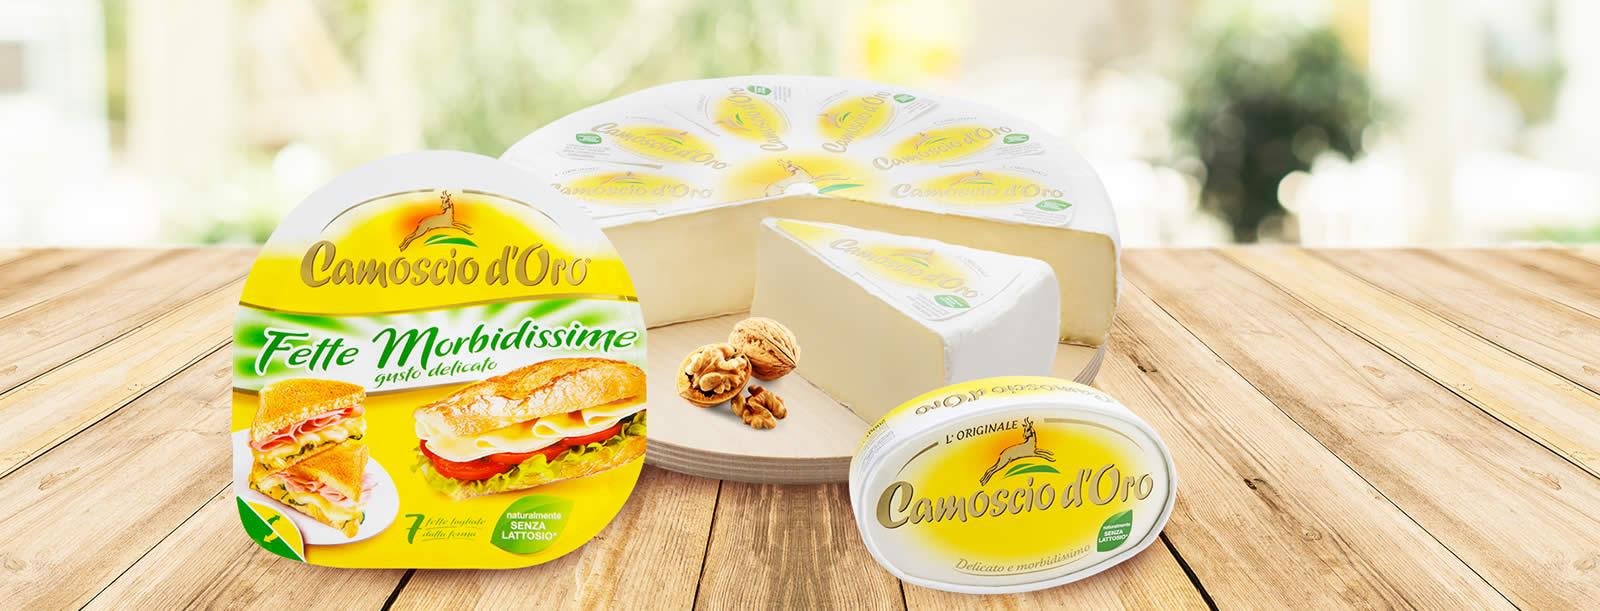 formaggio a fette fette morbidissime camoscio d oro ovale e forma